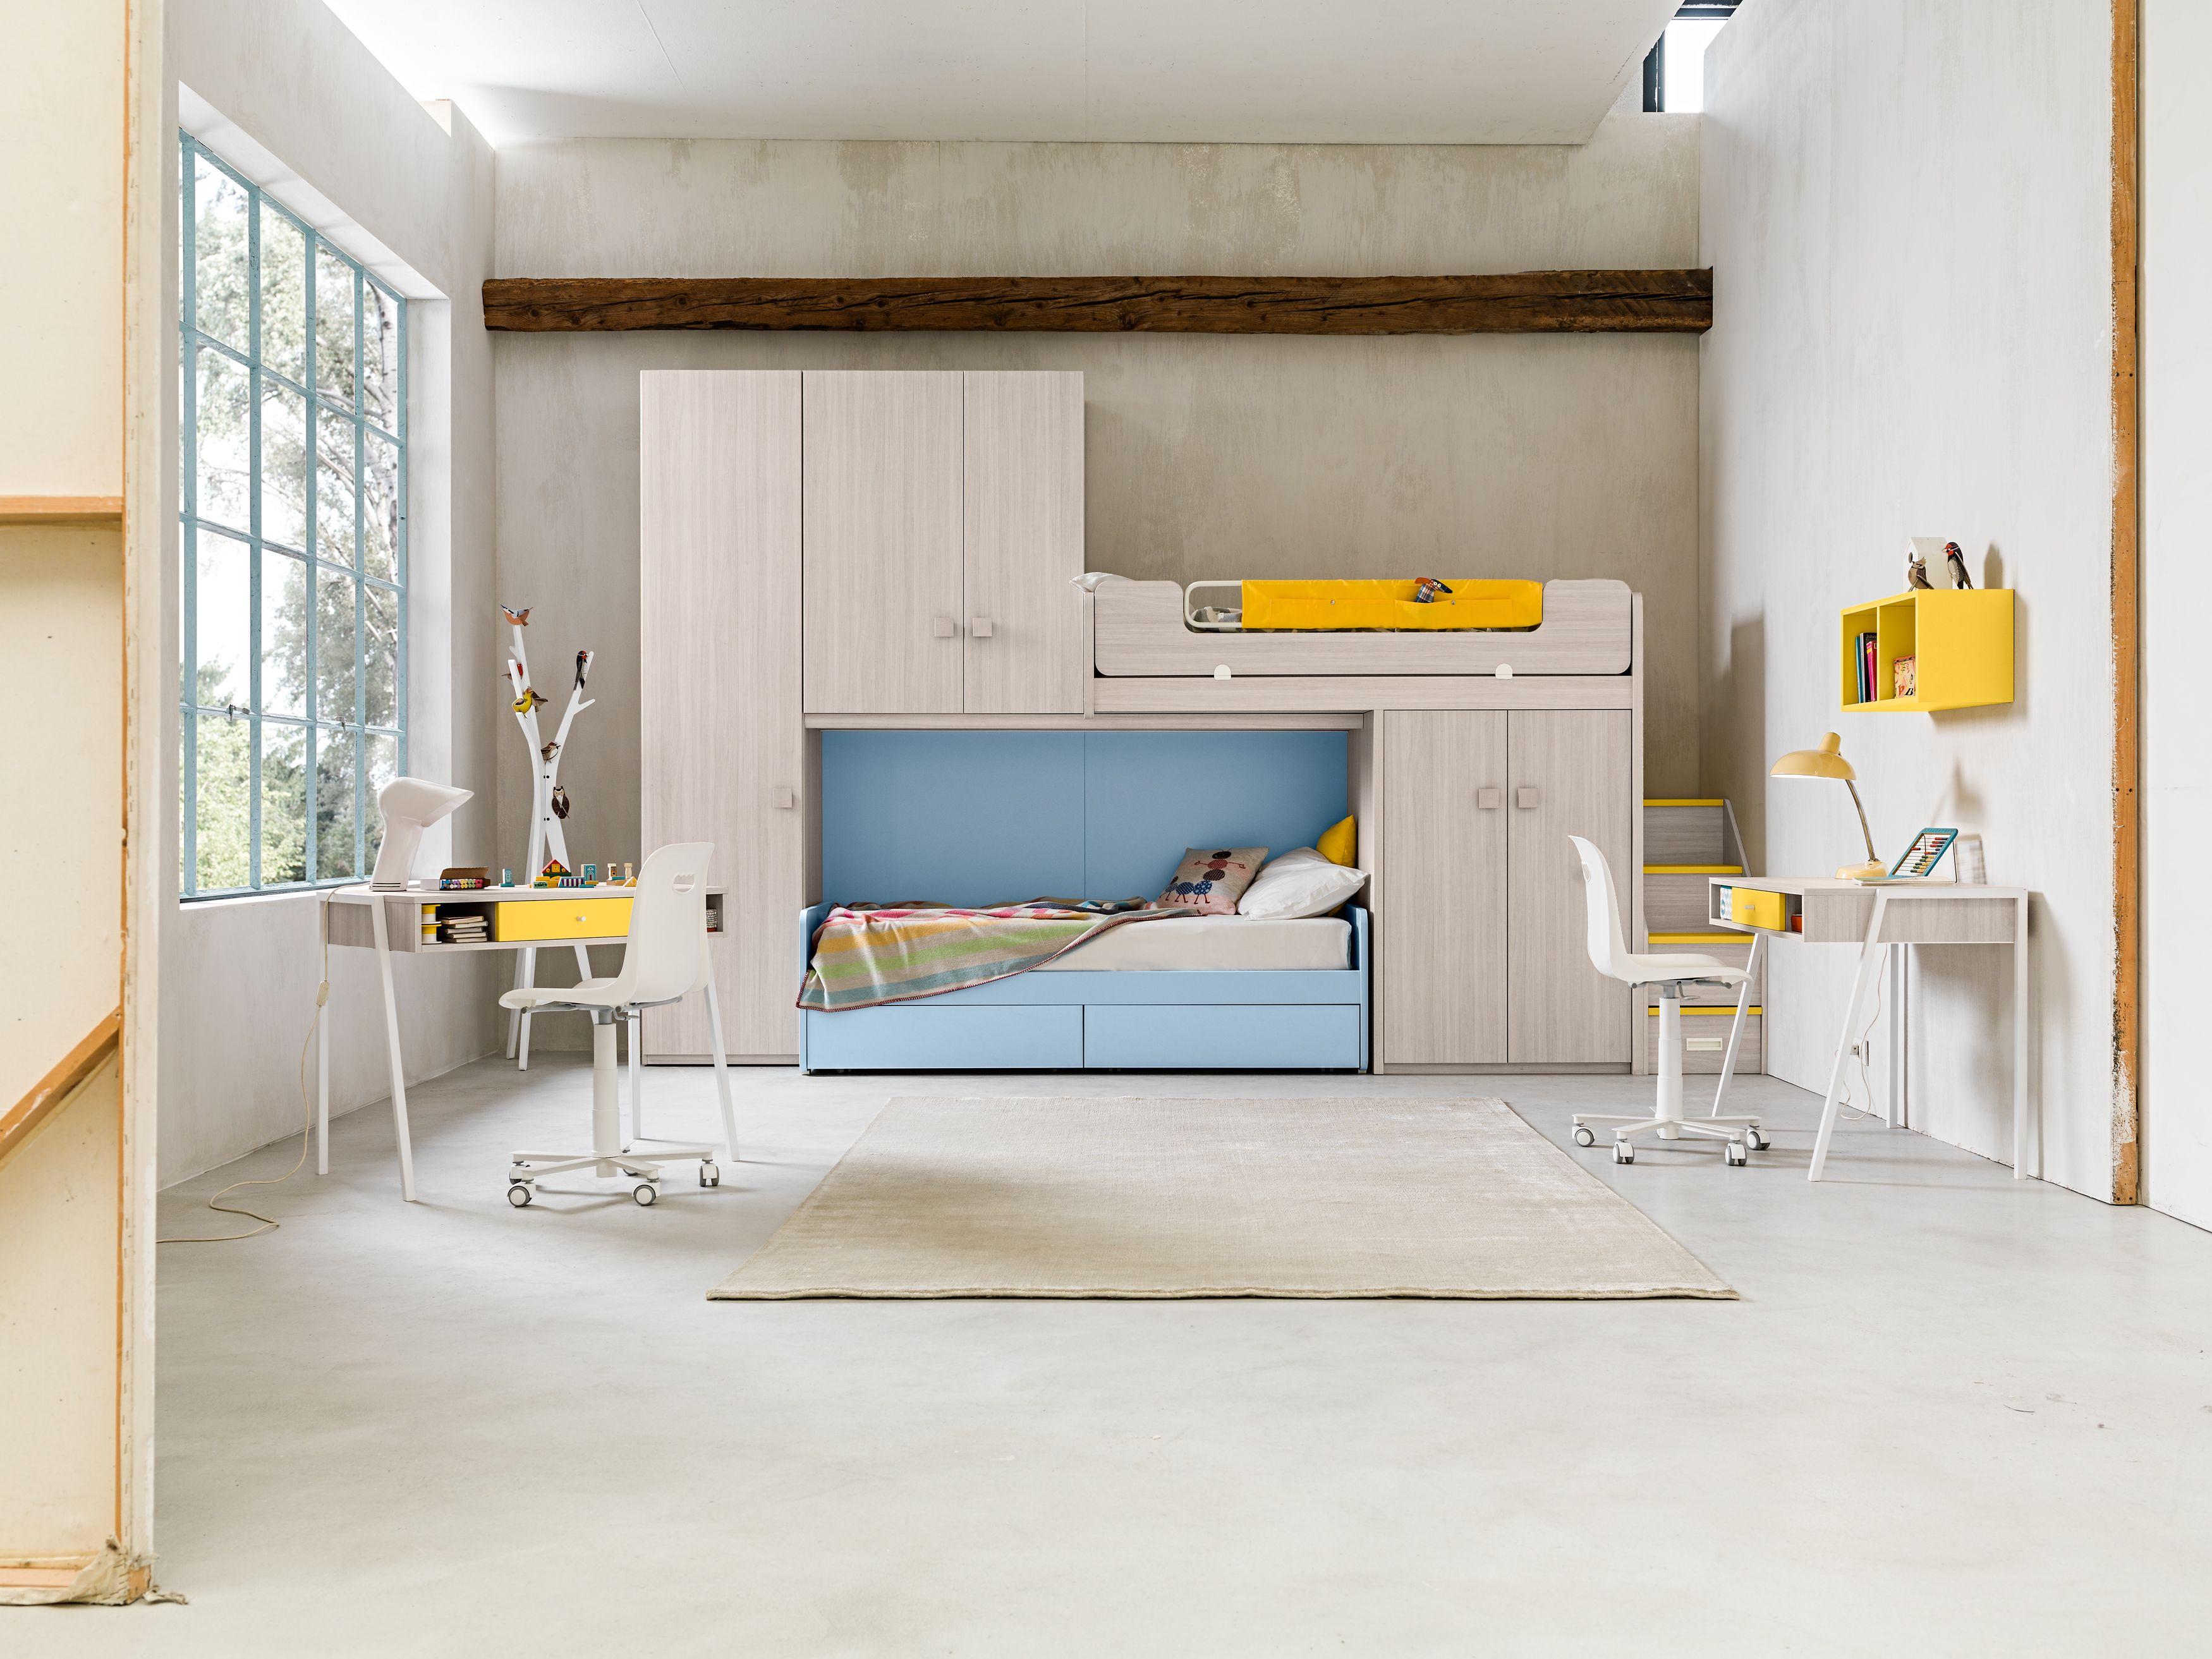 Cameretta moderna design componibile su misura per bambini e ragazzi a castello con letti a - Mobili per bambini design ...